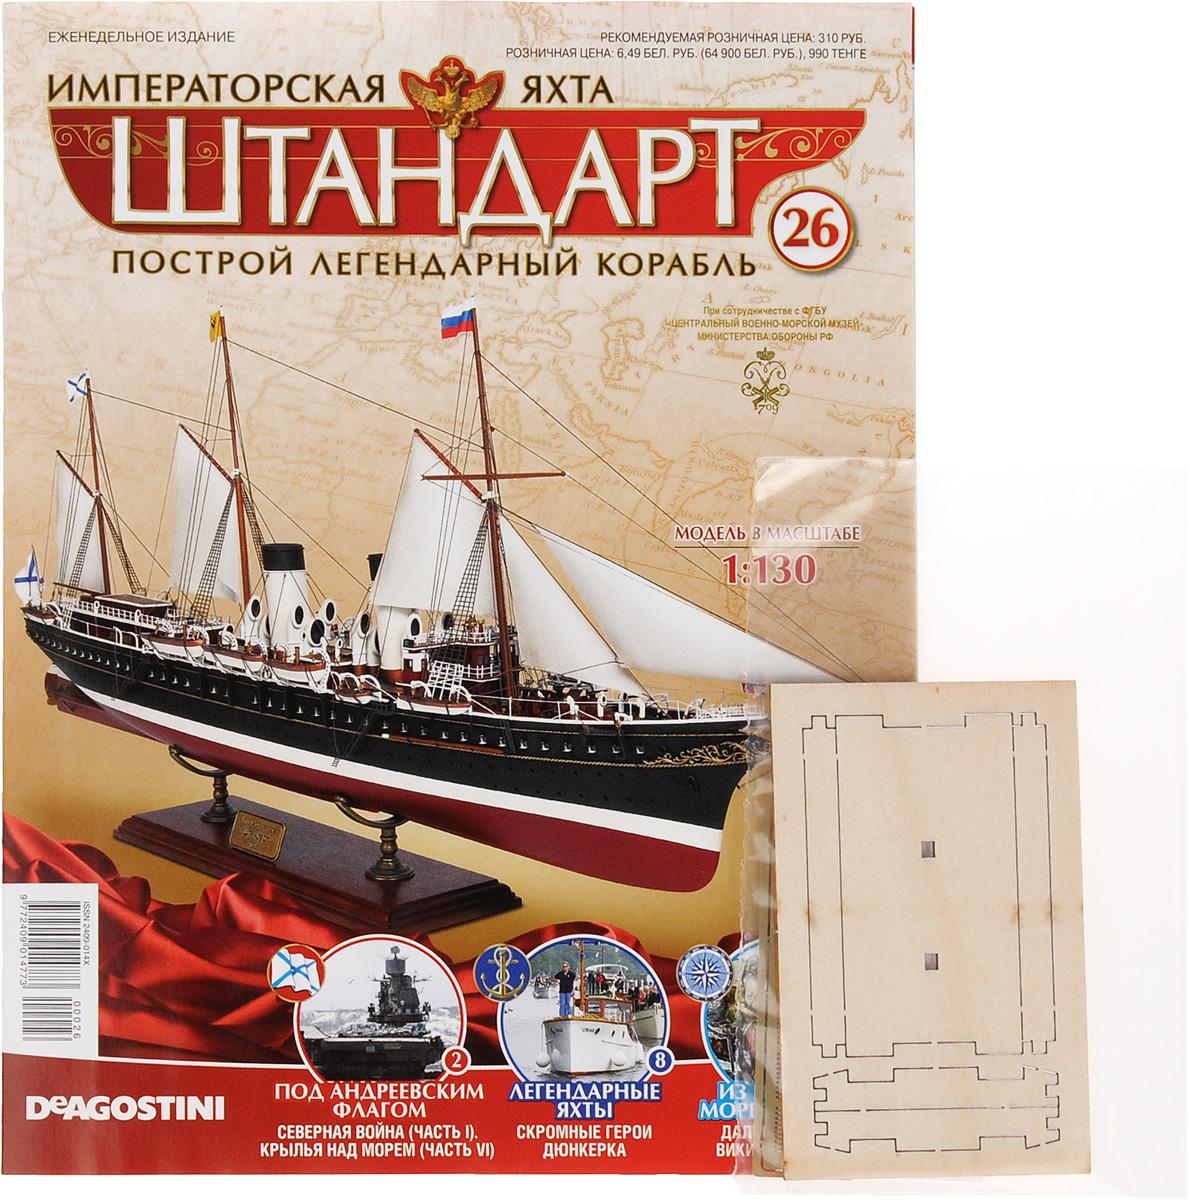 Журнал Императорская яхта Штандарт №26